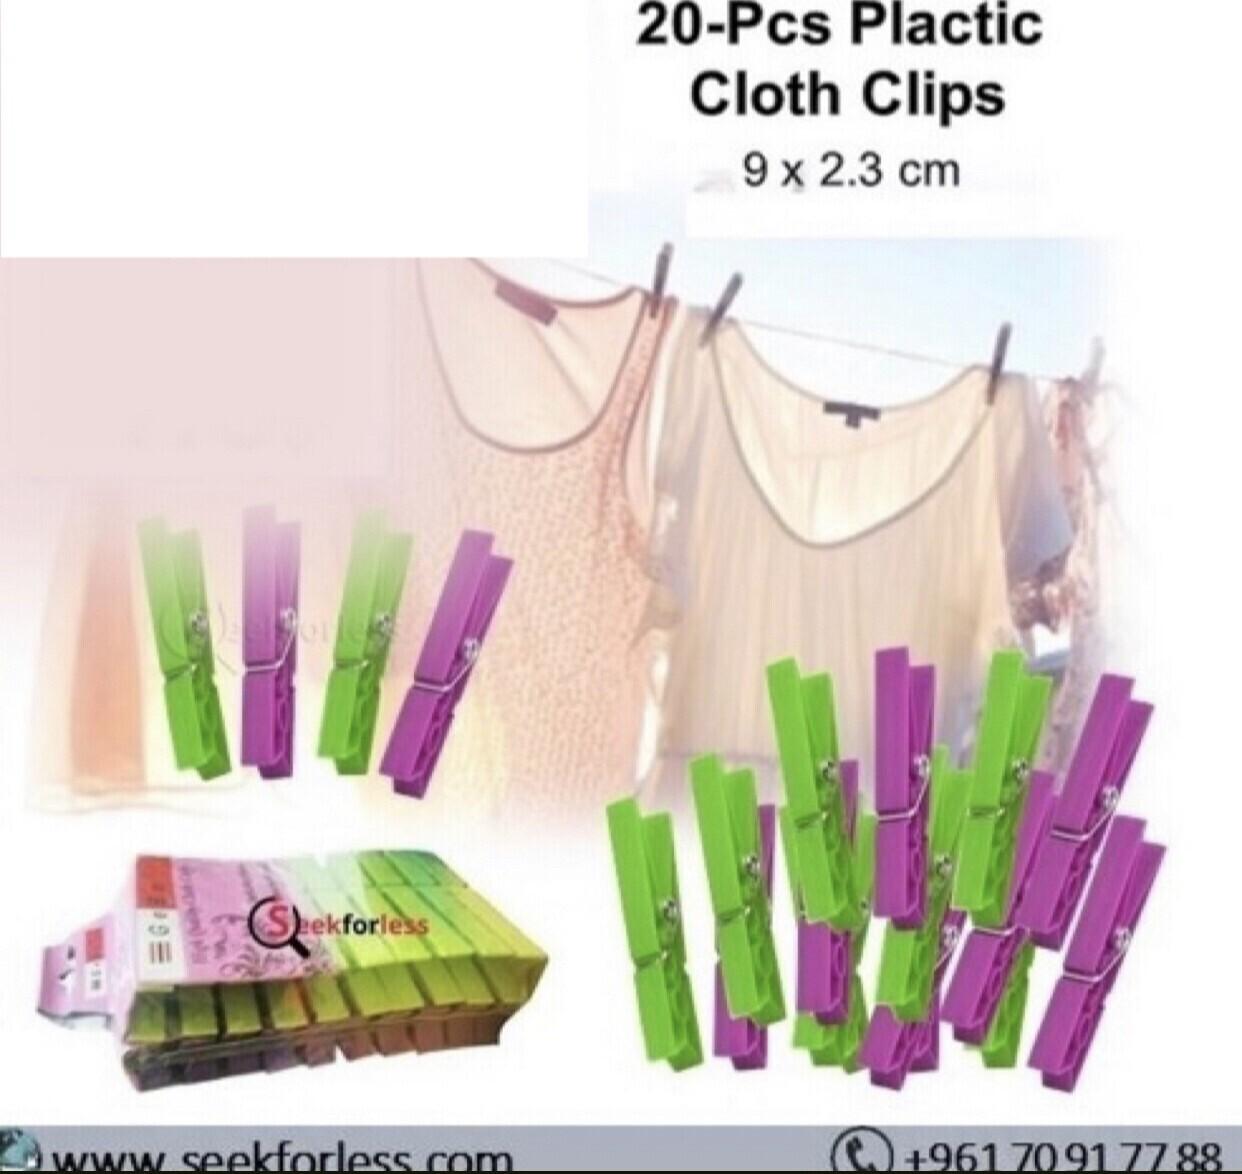 20-Pcs Plastic Cloth Clips